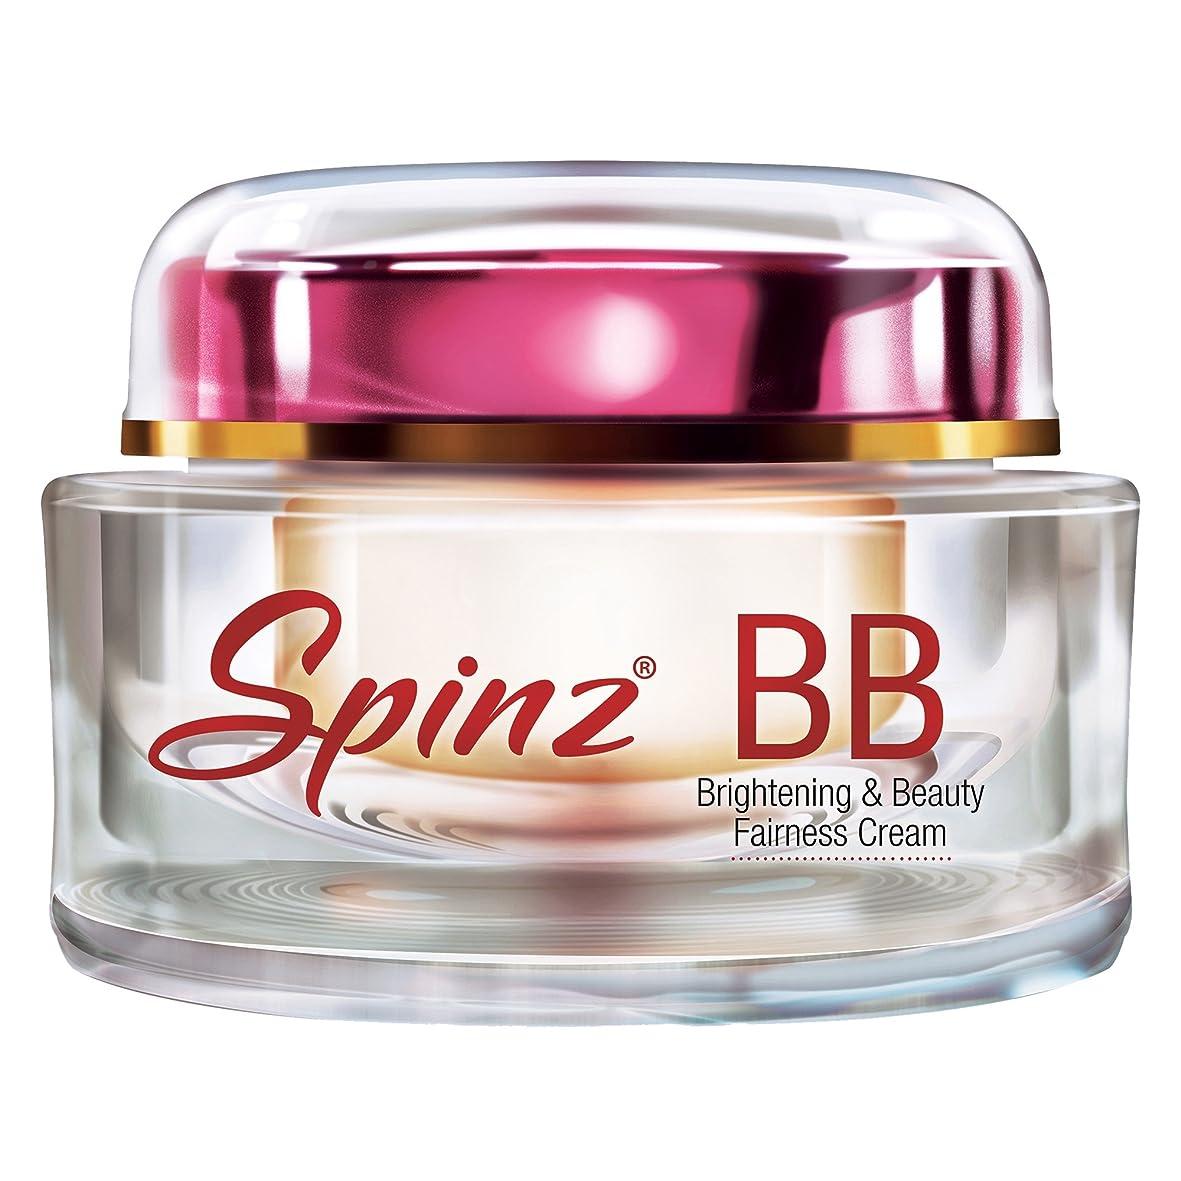 スキニーシネウィパリティSpinz BB Fairness Cream, 50gm